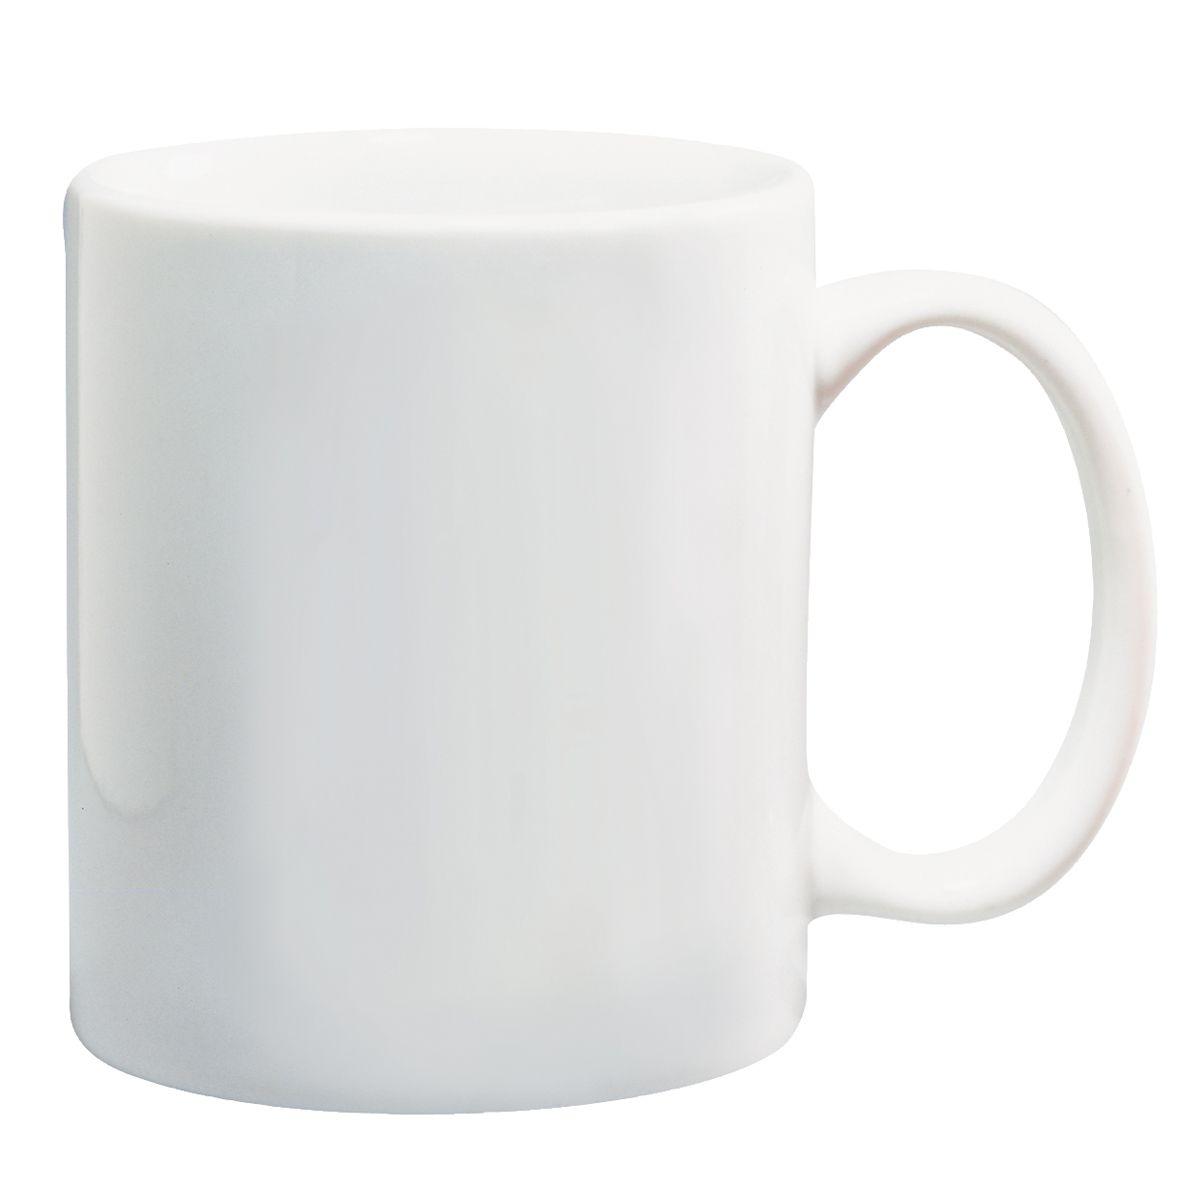 white mugs white ceramic mug 11 oz custom printed white ceramic mug 11 oz dream. Black Bedroom Furniture Sets. Home Design Ideas